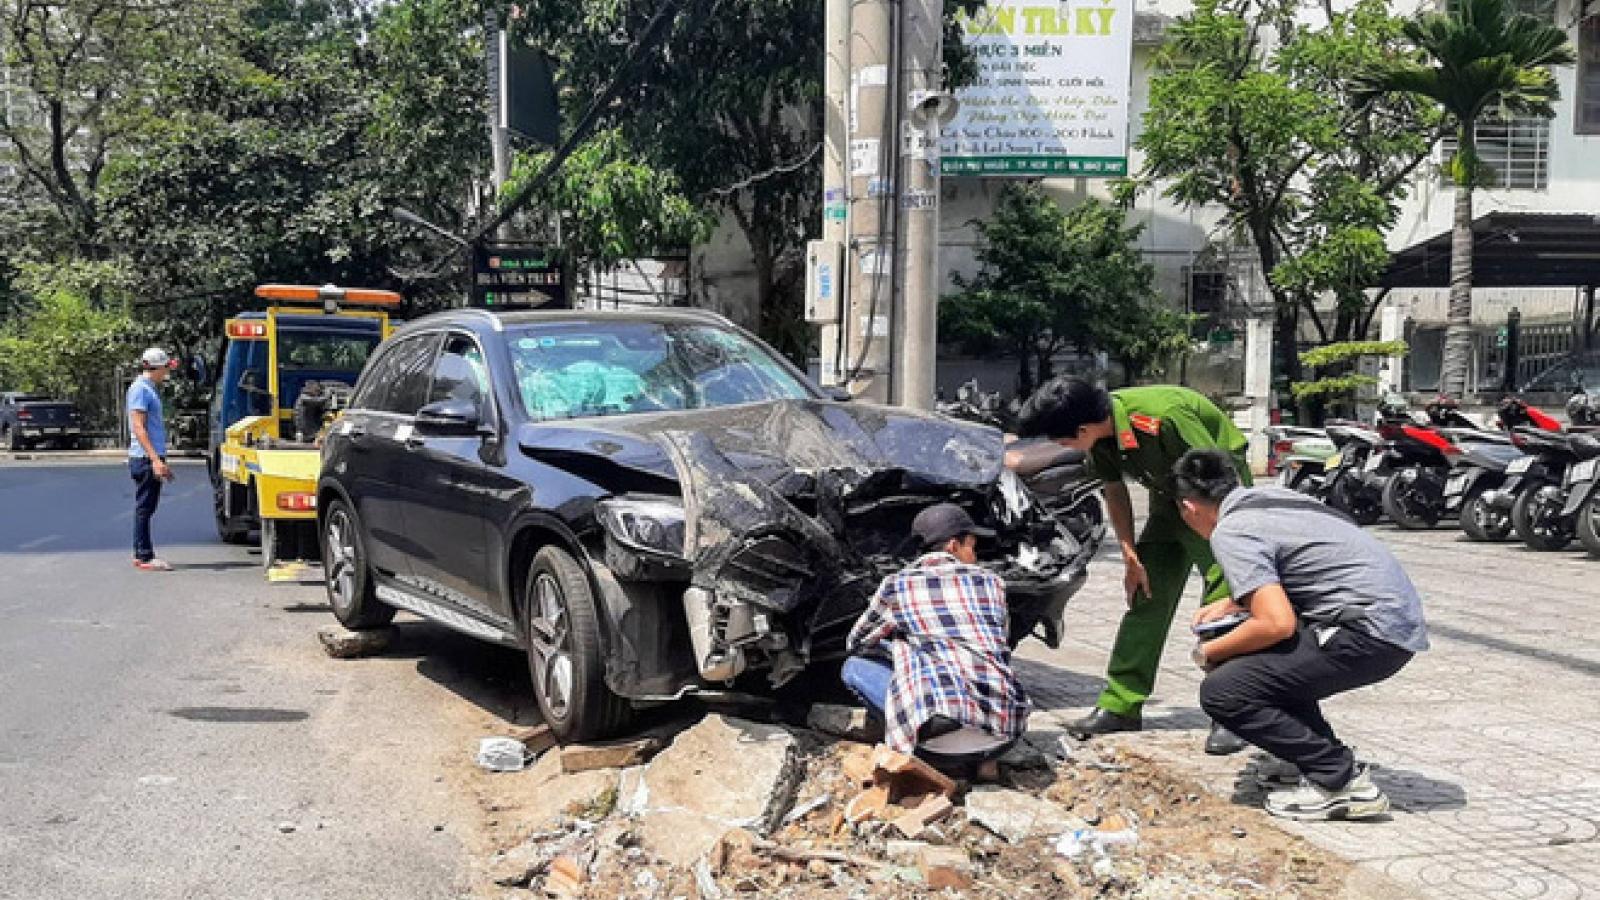 Hôm nay xét xử tài xế xe Mercedes tông hai người thương vong